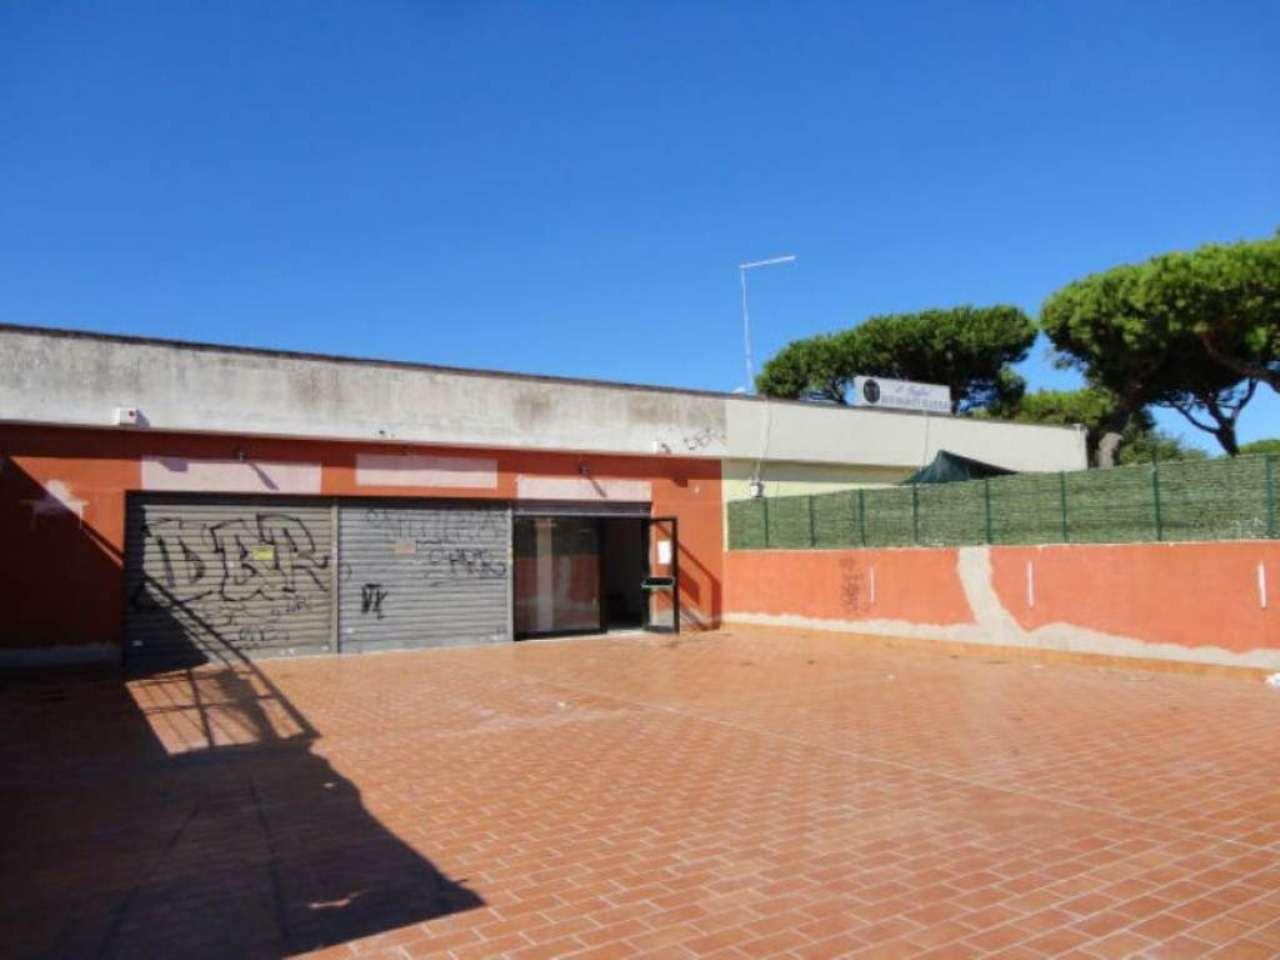 Negozio / Locale in vendita a Ardea, 2 locali, prezzo € 115.000 | CambioCasa.it